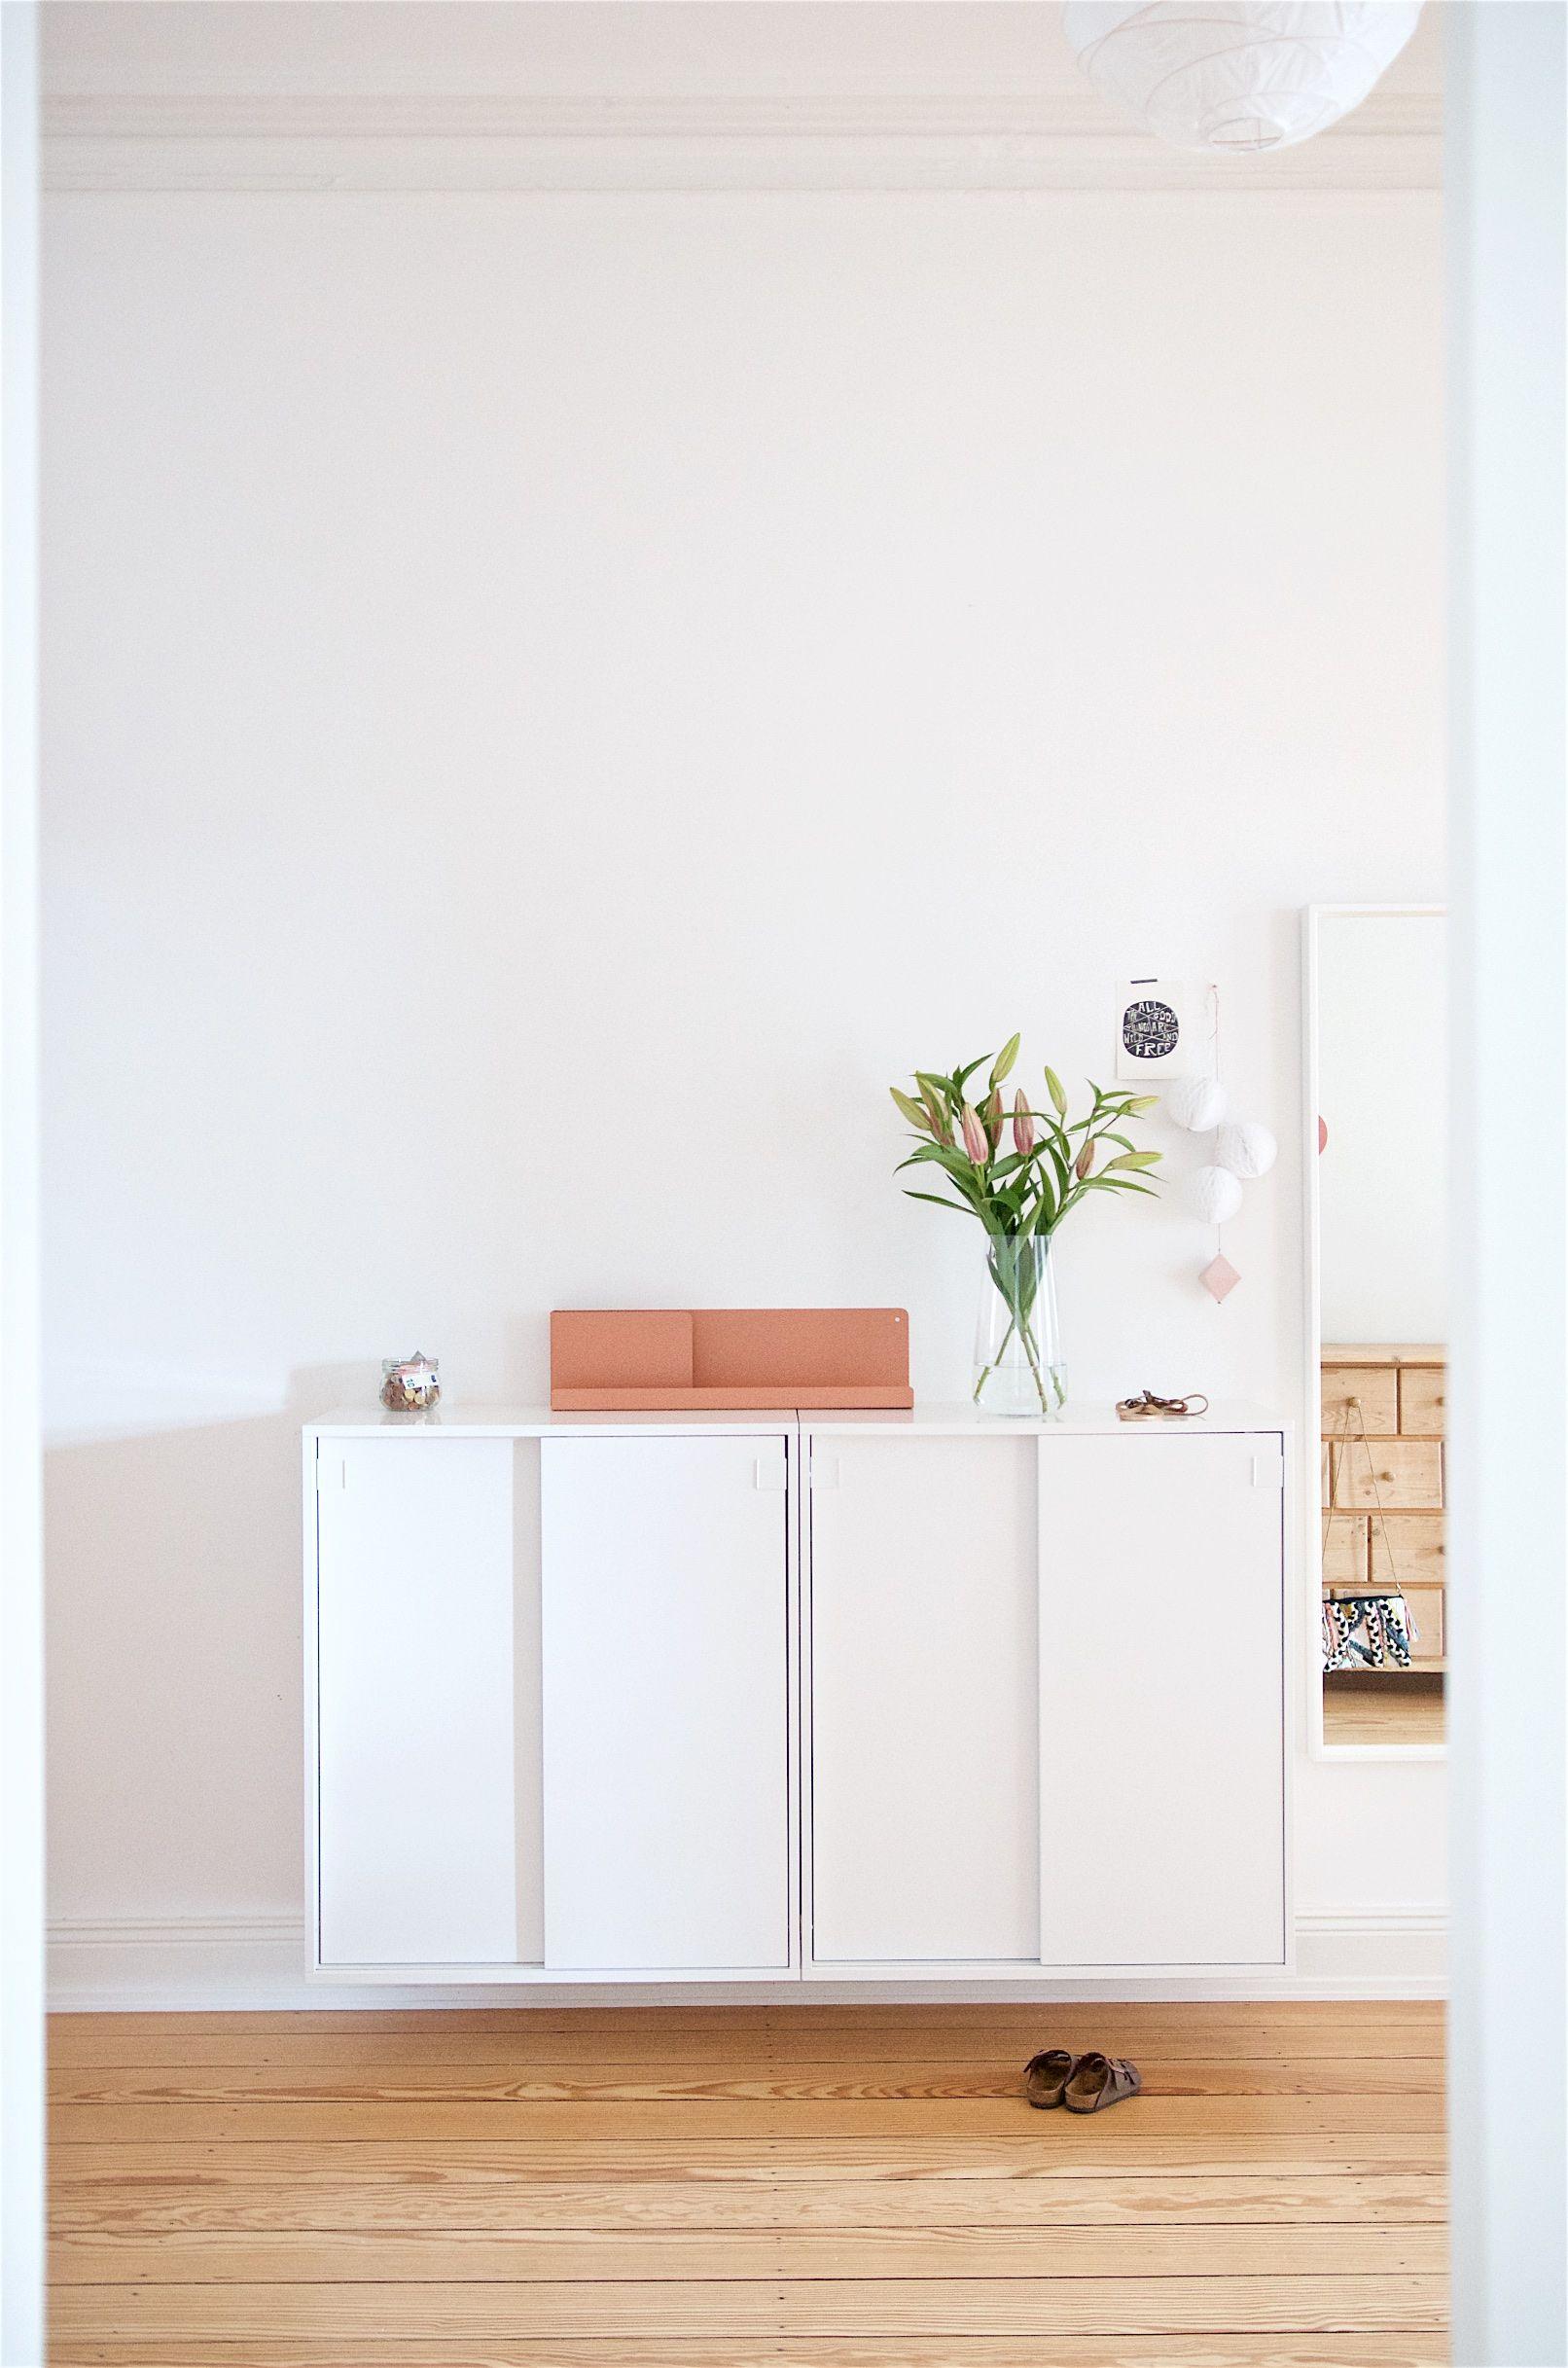 mackap r ein schuhschrank bringt ordnung ins chaos und den altbauflur wohnen flur. Black Bedroom Furniture Sets. Home Design Ideas